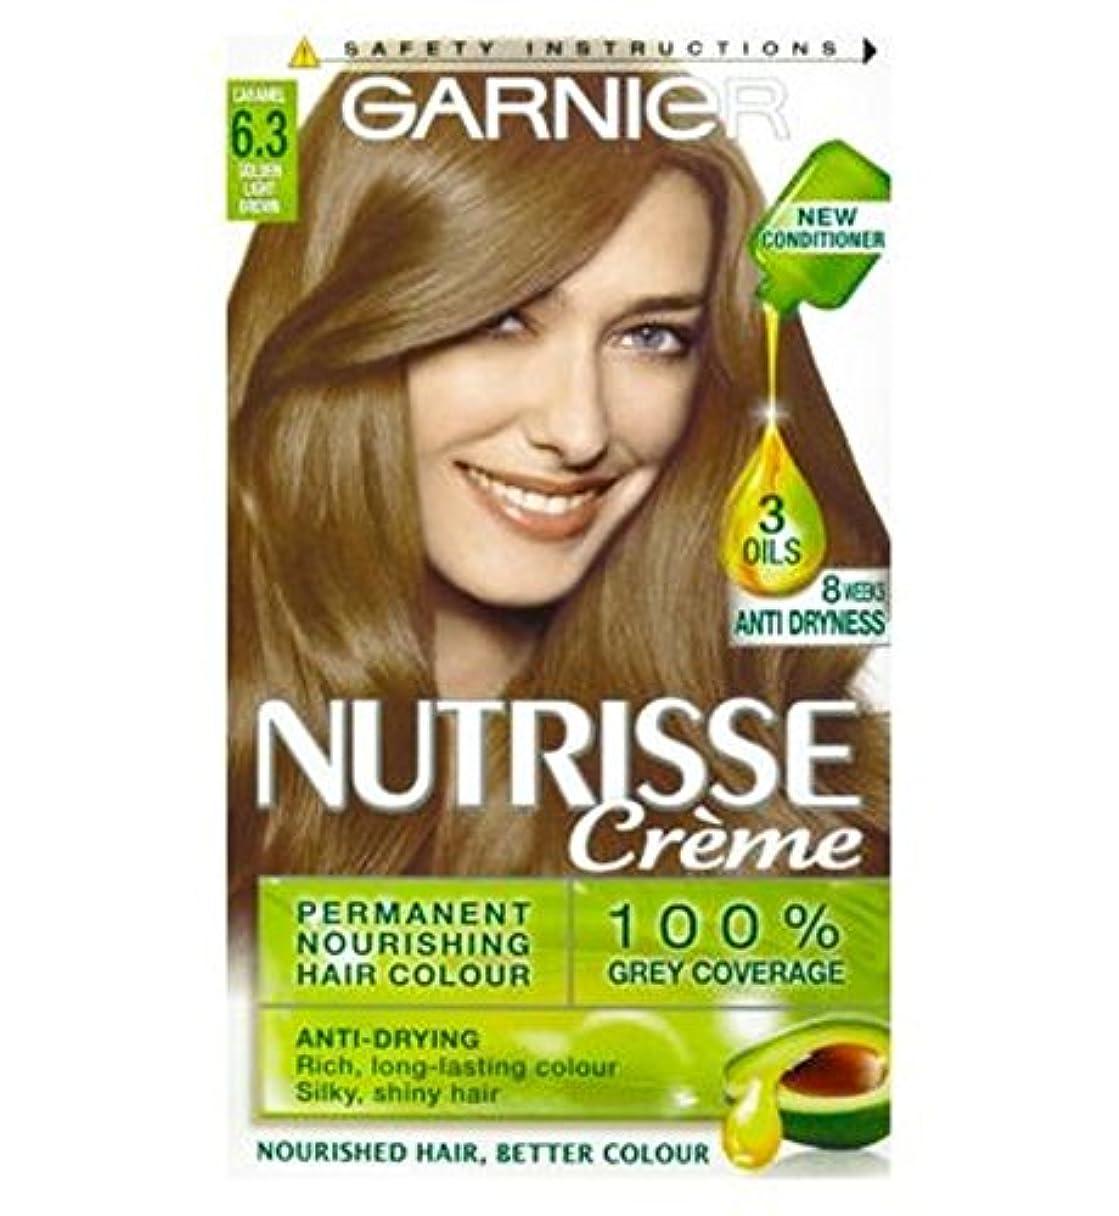 リアル心配する本当のことを言うとガルニエNutrisseクリームパーマネントヘアカラー6.3キャラメルライトブラウン (Garnier) (x2) - Garnier Nutrisse Cr?me Permanent Hair Colour 6.3 Caramel...